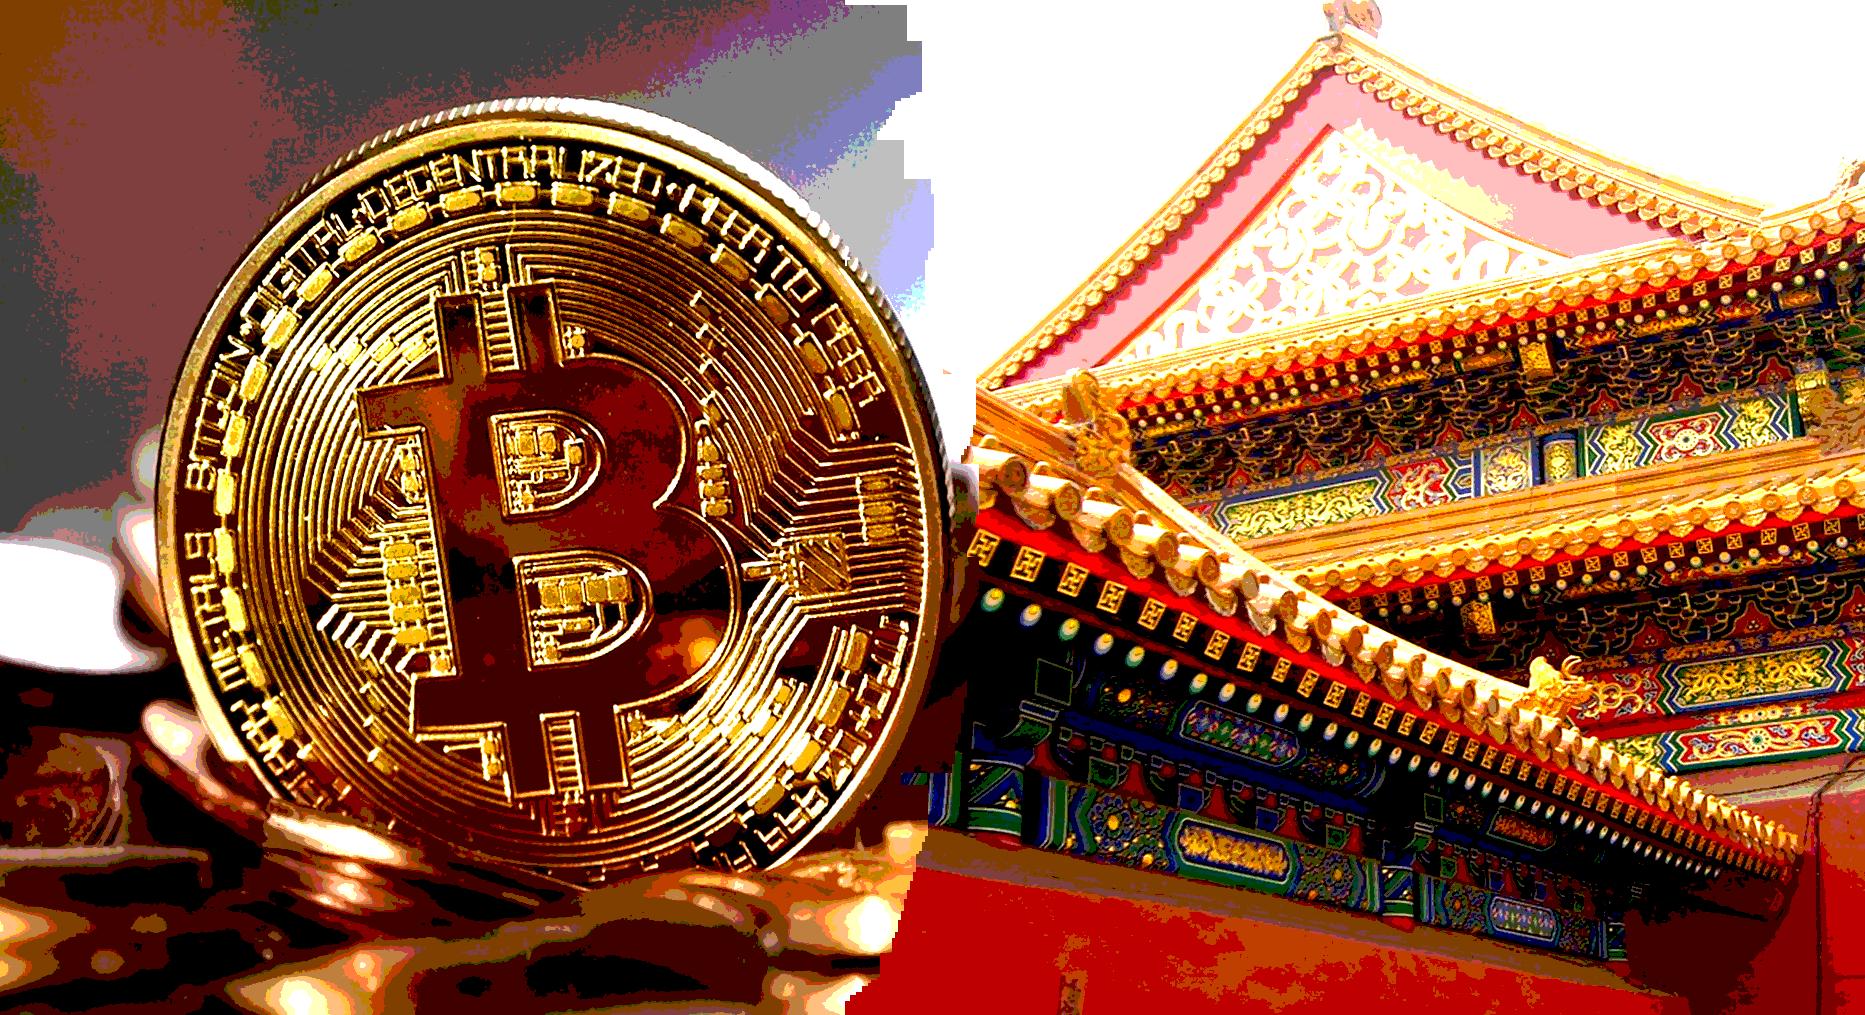 Қытай әлемдегі алғашқы мемлекеттік сандық валюта шығармақшы - на politic.bugin.kz